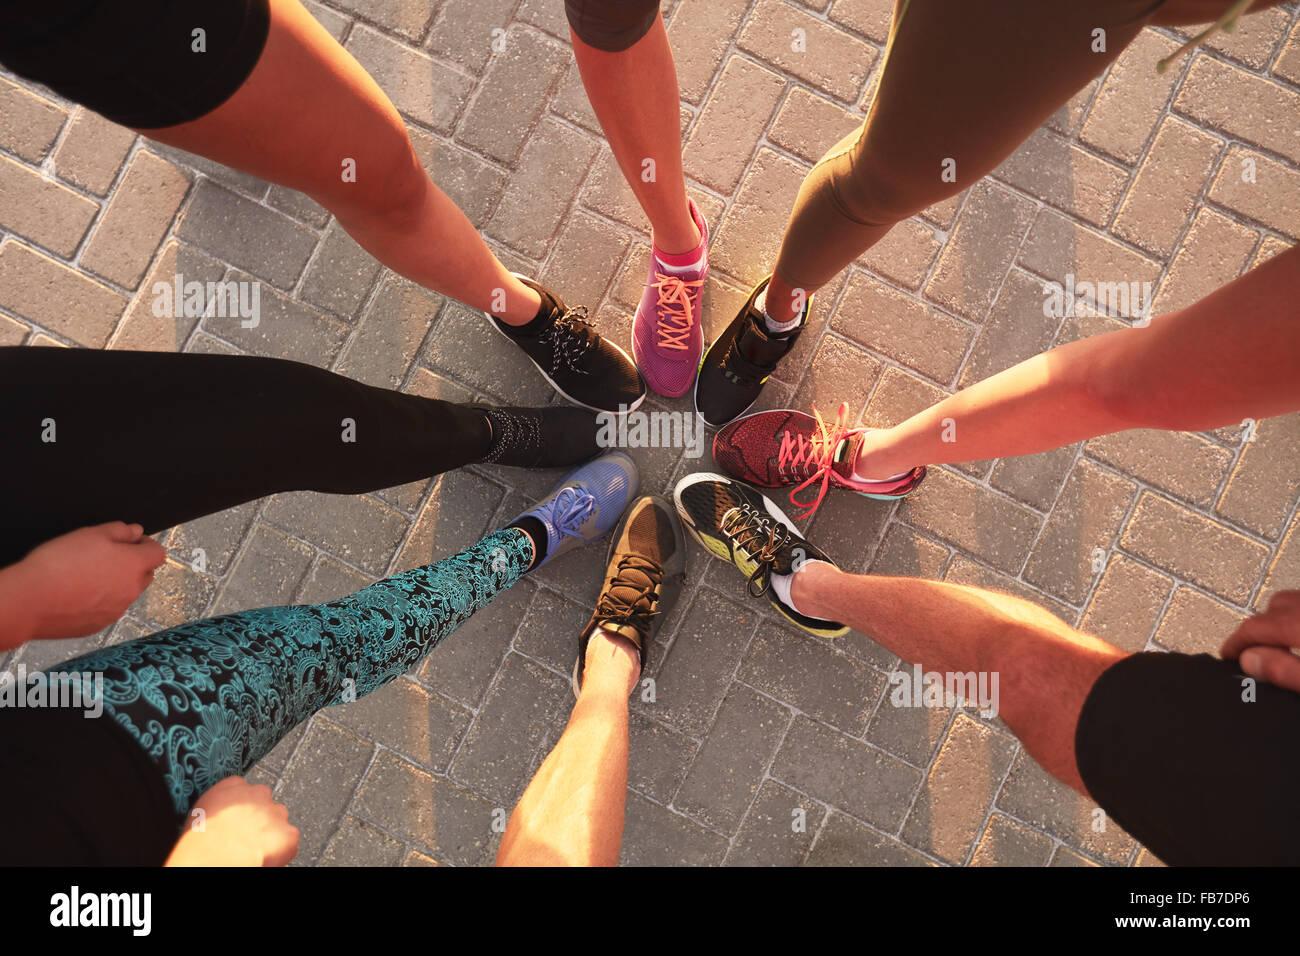 Le gambe degli atleti di indossare calzature sportive in un cerchio. Vista superiore di pattini in piedi insieme. Immagini Stock